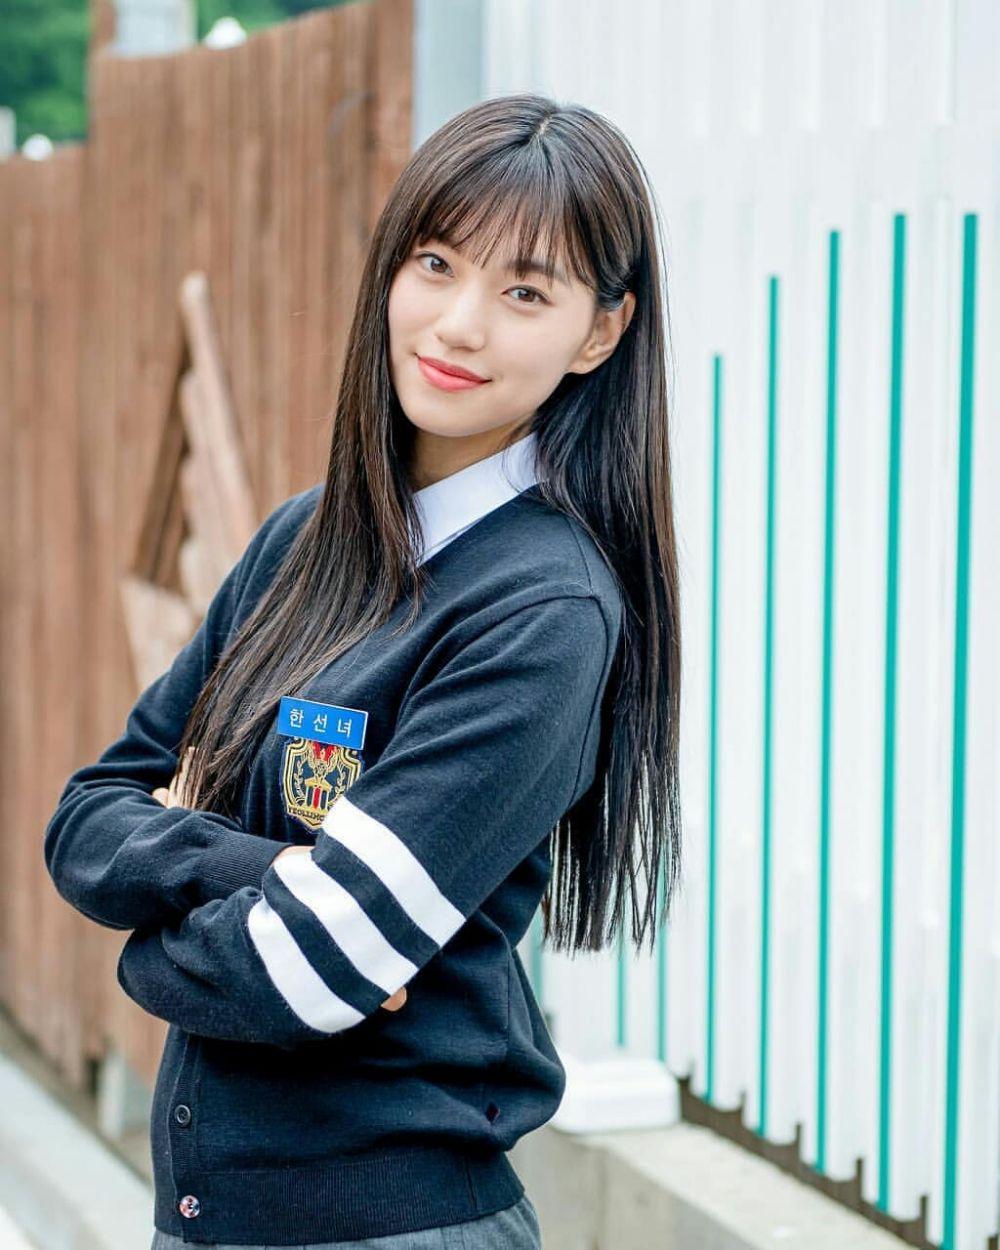 9 Potret Kim Doyeon Weki Meki, Lawan Main Kim Minkyu di 'Pop Out Boy'